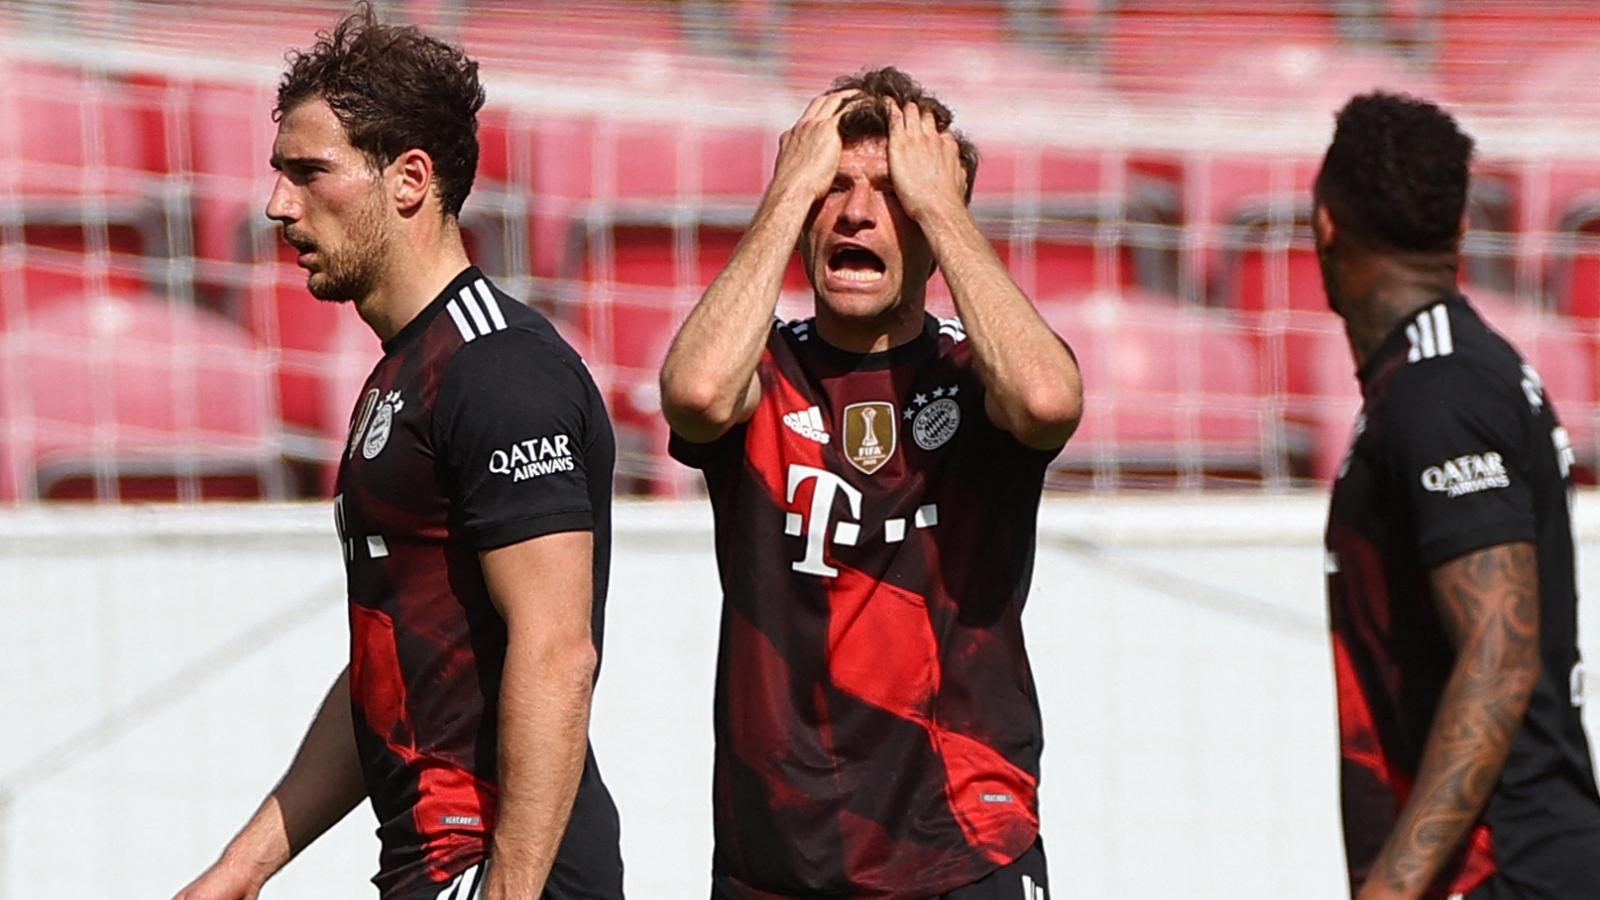 Thua sốc Mainz 05, Bayern Munich chưa thể vô địch Bundesliga